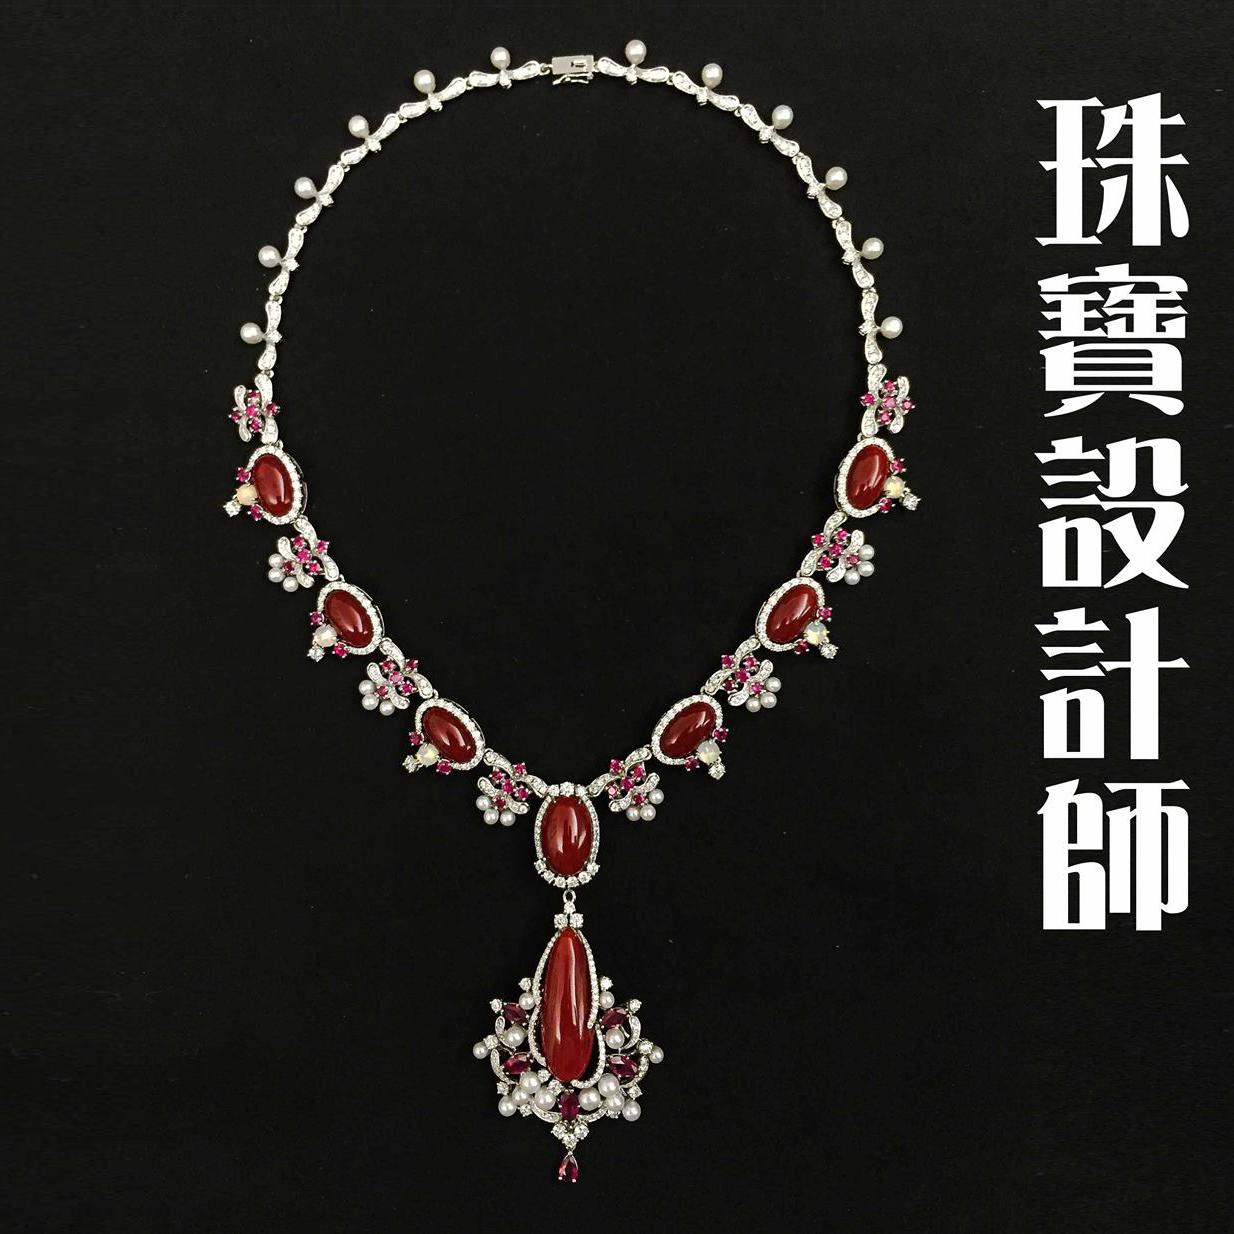 7月2日【珠寶設計師專業職能研習】 - SkeGeo 臺灣活動網